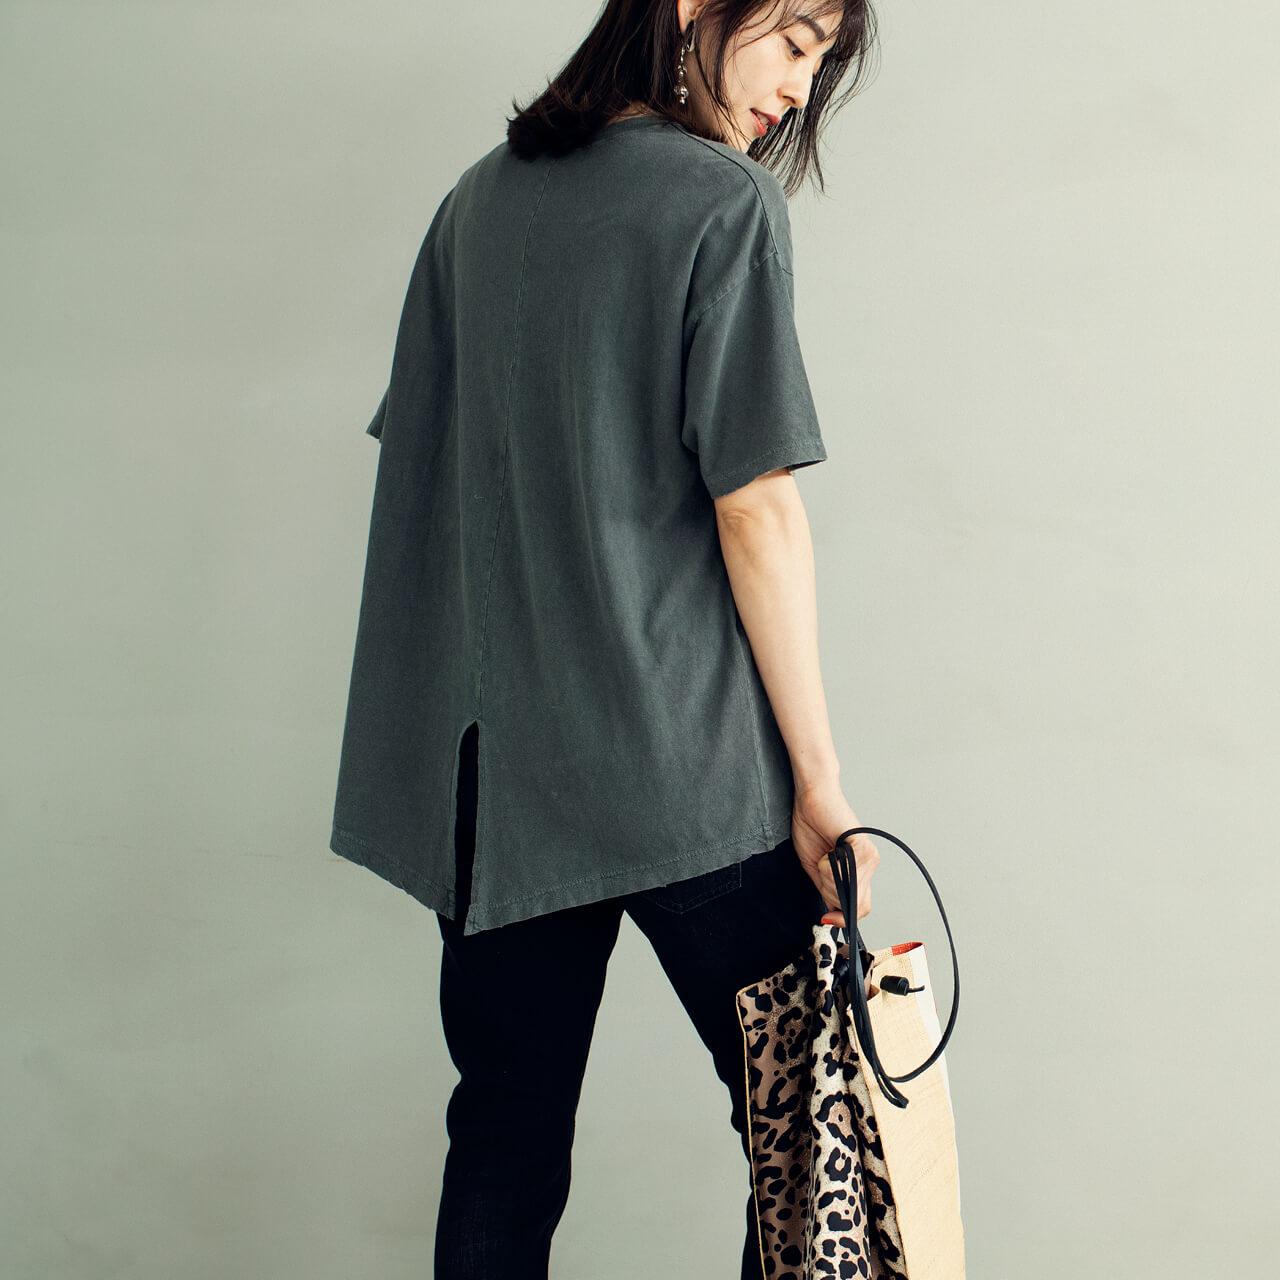 アール ジュビリー プリントTシャツのBACK STYLE モデル/今井りかさん